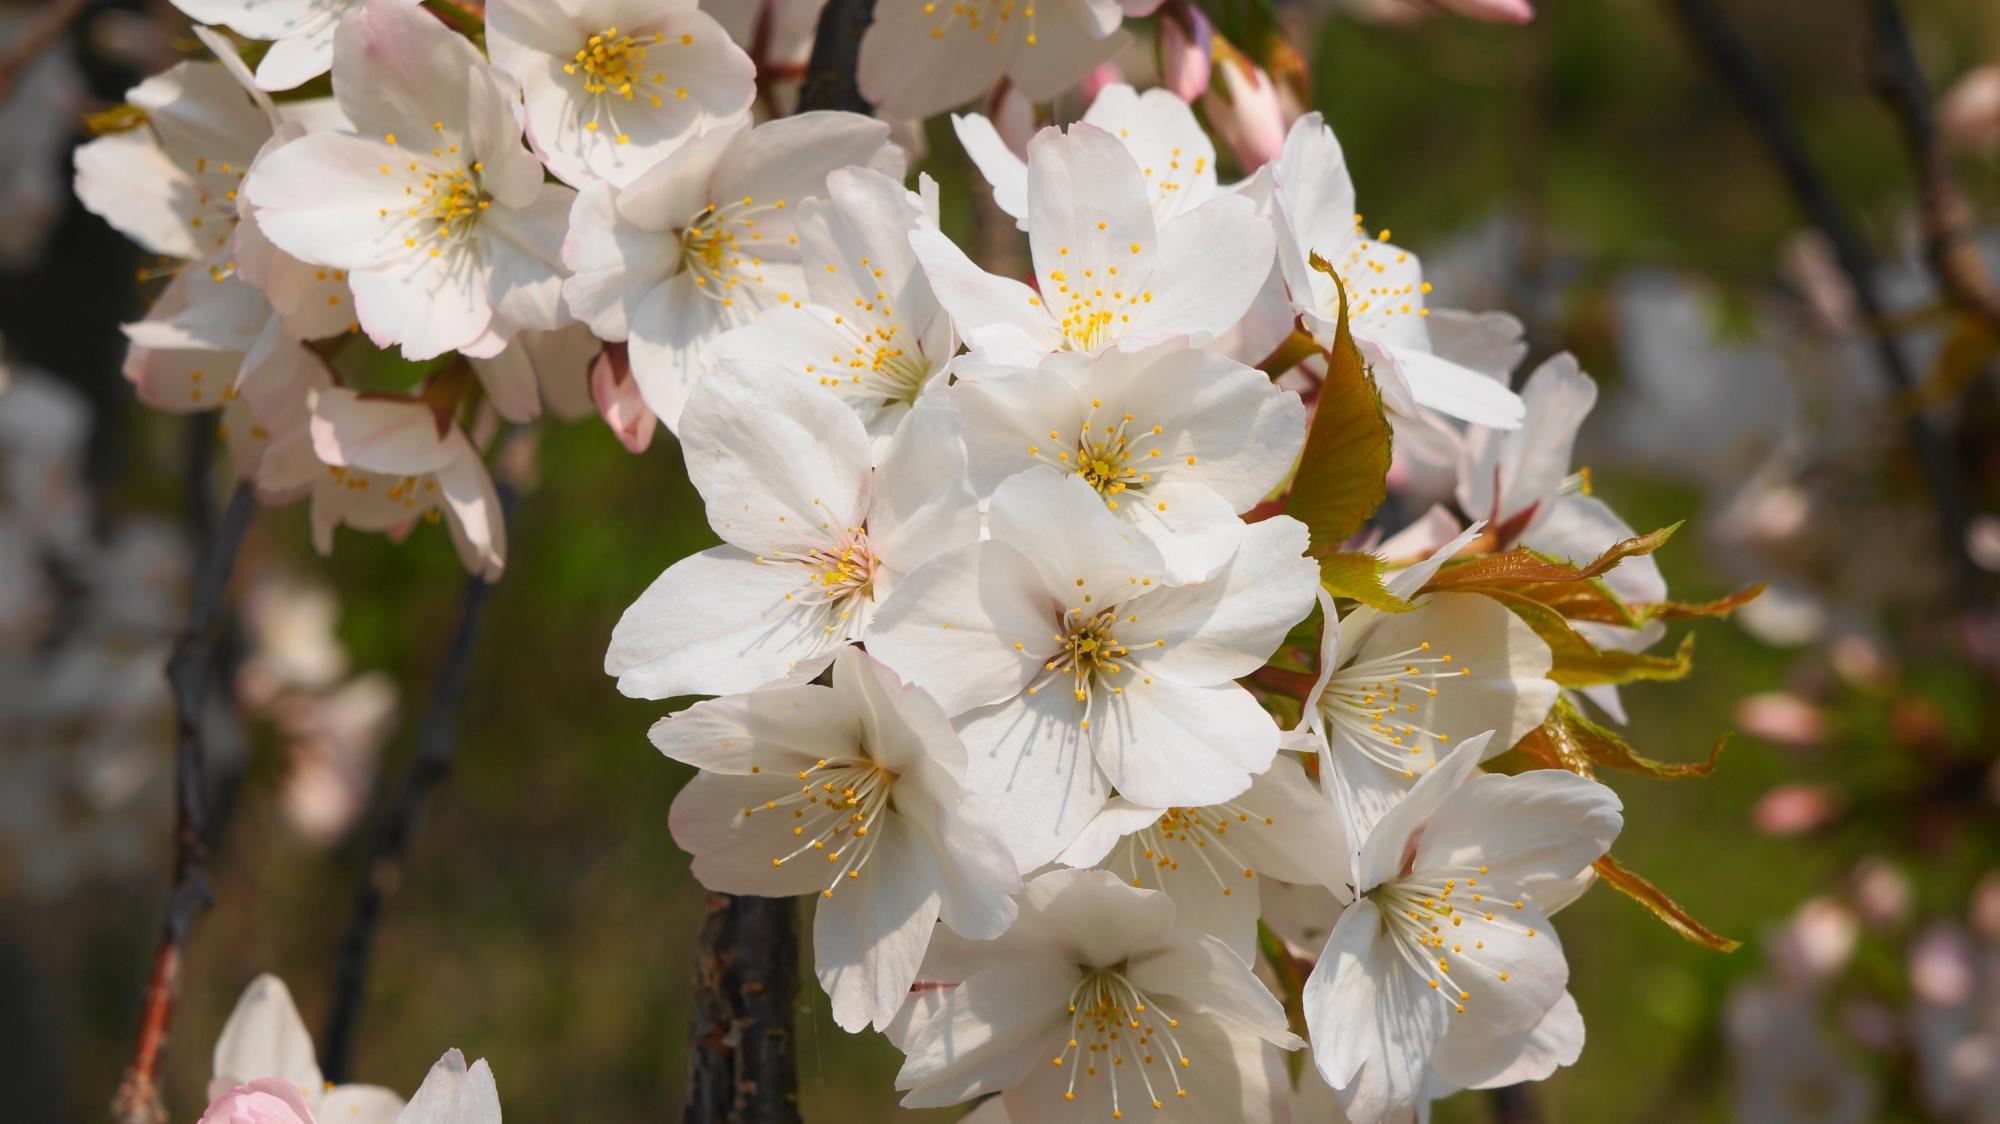 眩しい白い花をいっぱいつける桜